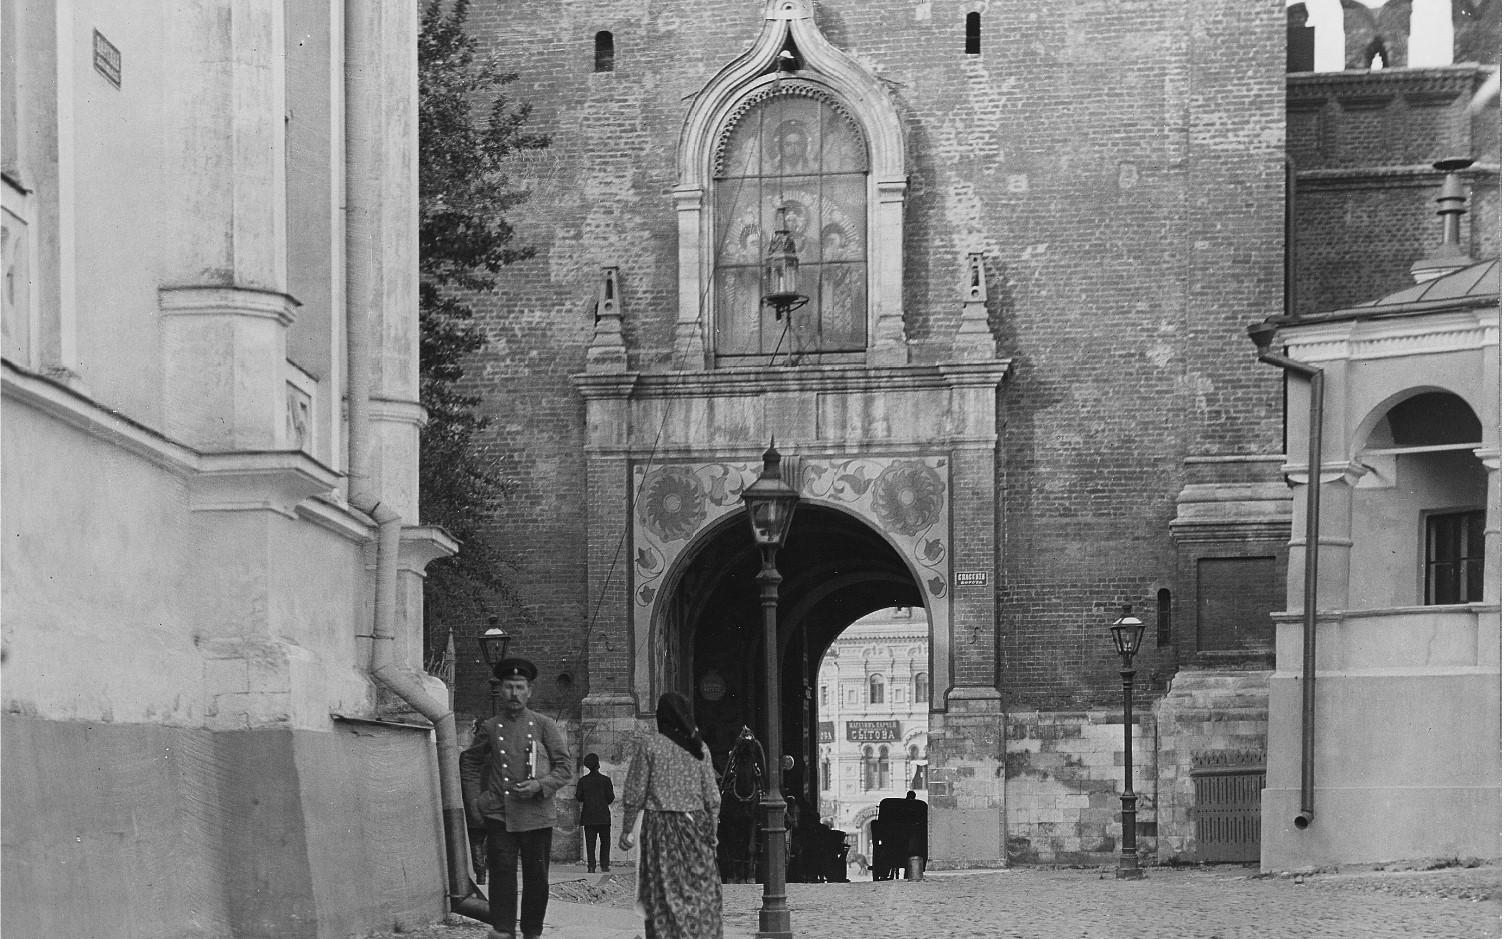 Спасская башня, главный вход, деталь